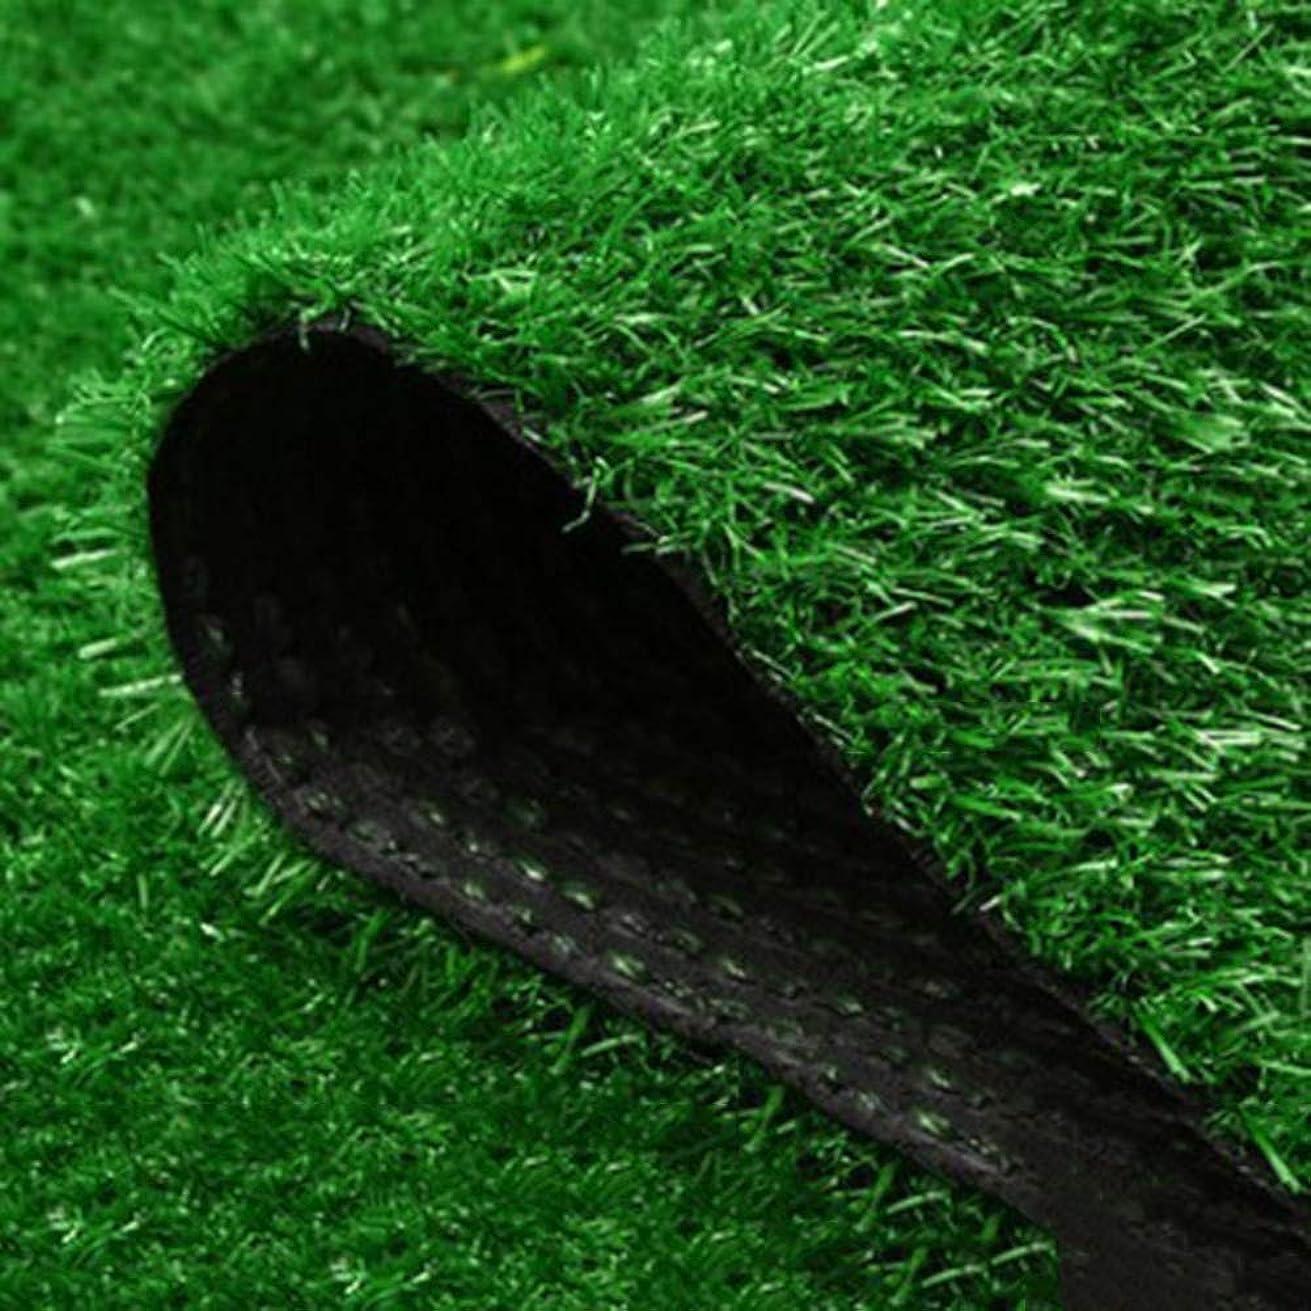 キャリア水没海高密度 人工偽の草,15 Mm 厚く 現実的 合成芝生 排水の穴 ターフマット テラスのため バルコニー ペットターフ-グリーン 200x100cm(79x39inch)